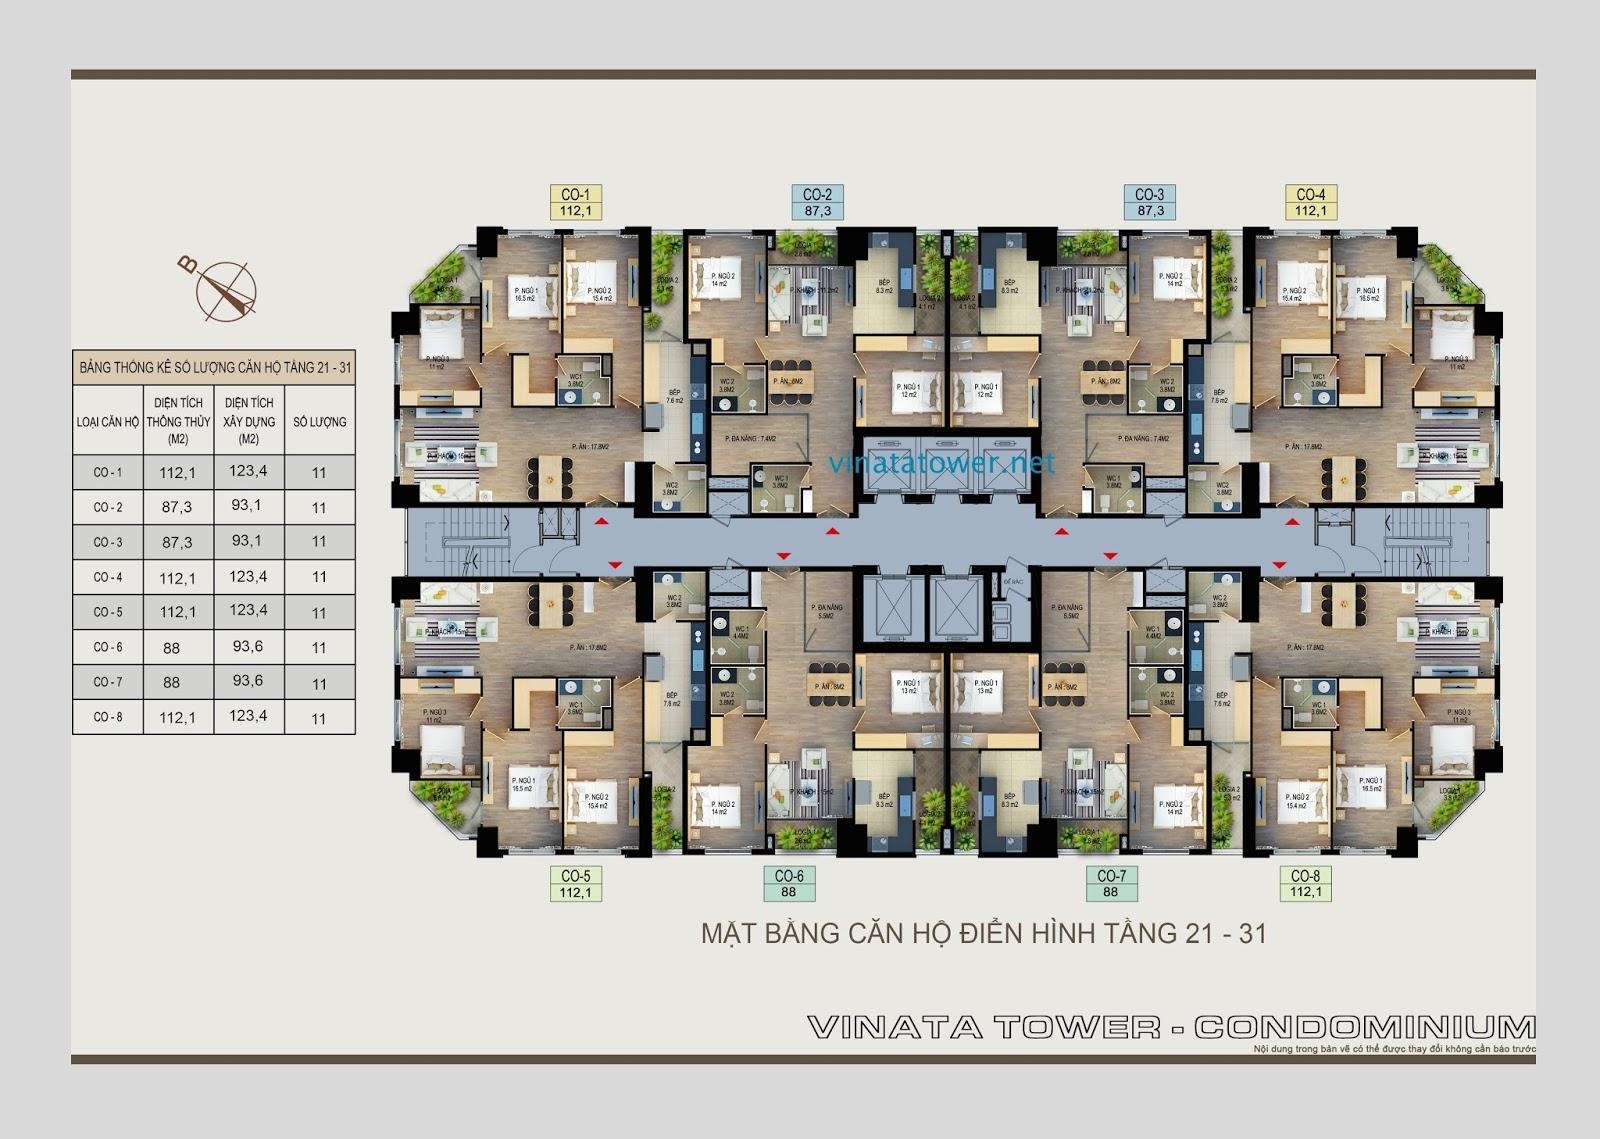 Mặt bằng tầng 21 đến tầng 31 chung cư Vinata Towers